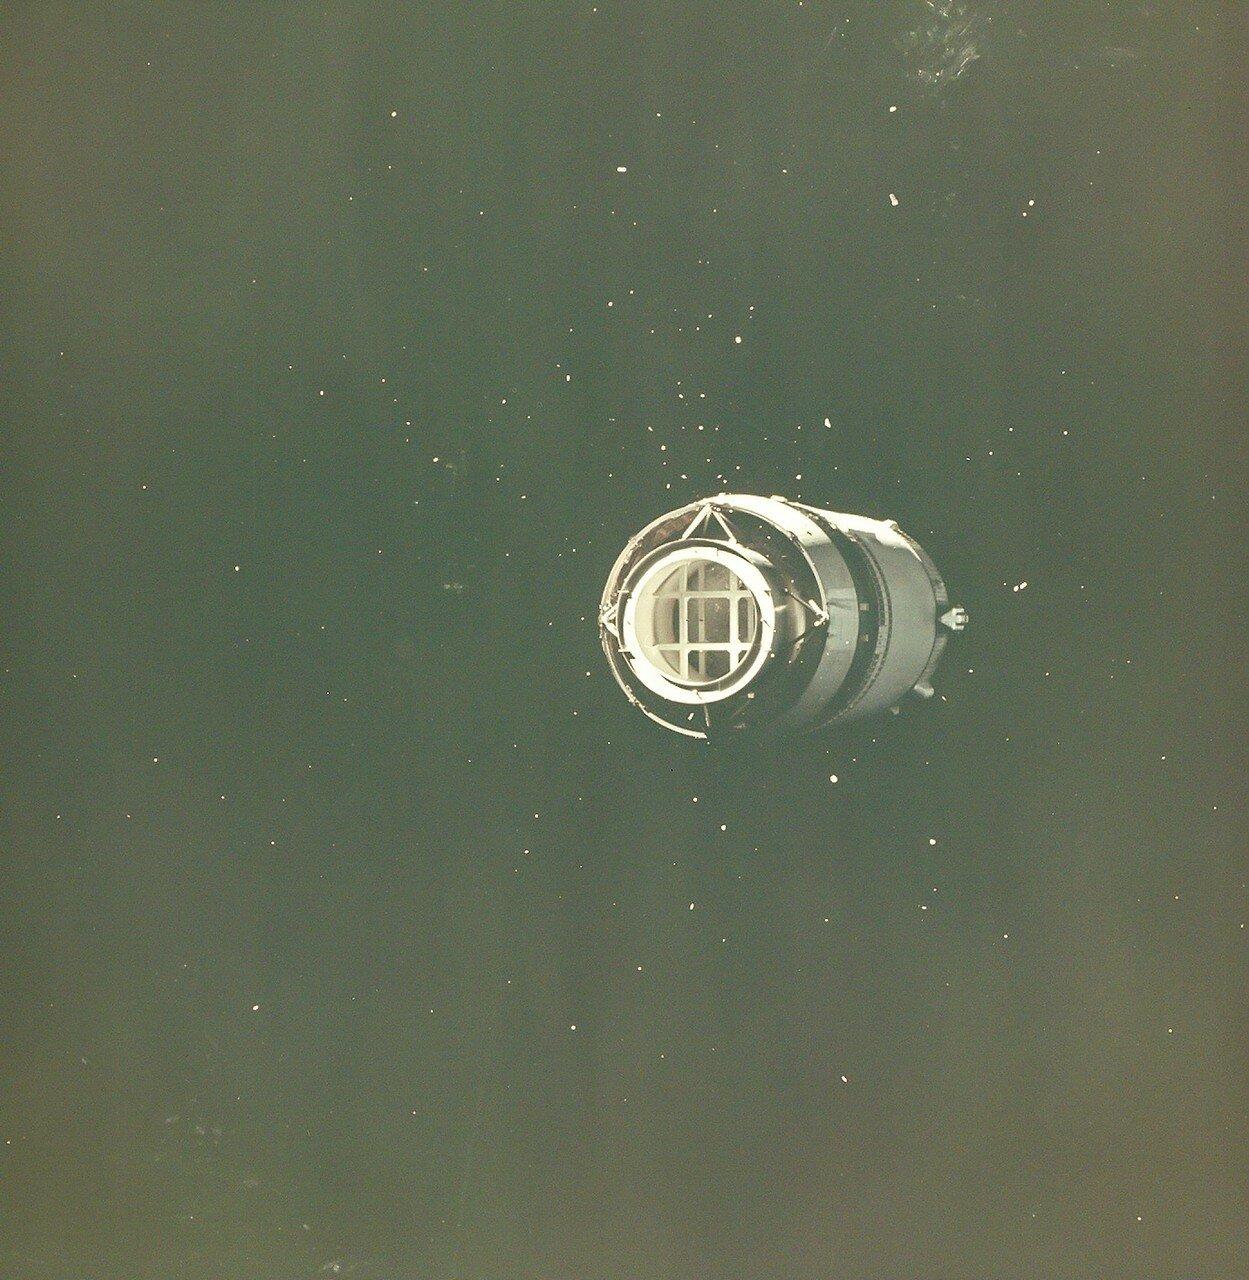 1968, 21 декабря. Отделение третьей ступени «Аполлона-8»